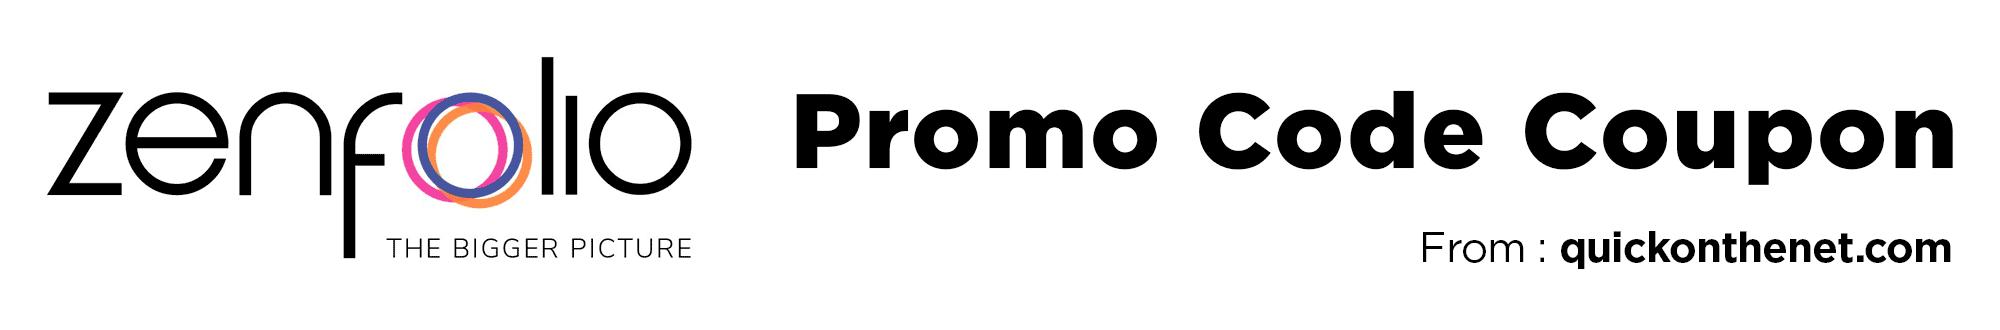 Zenfolio Promo Code Coupon (zenfolio-promo-code-coupon)